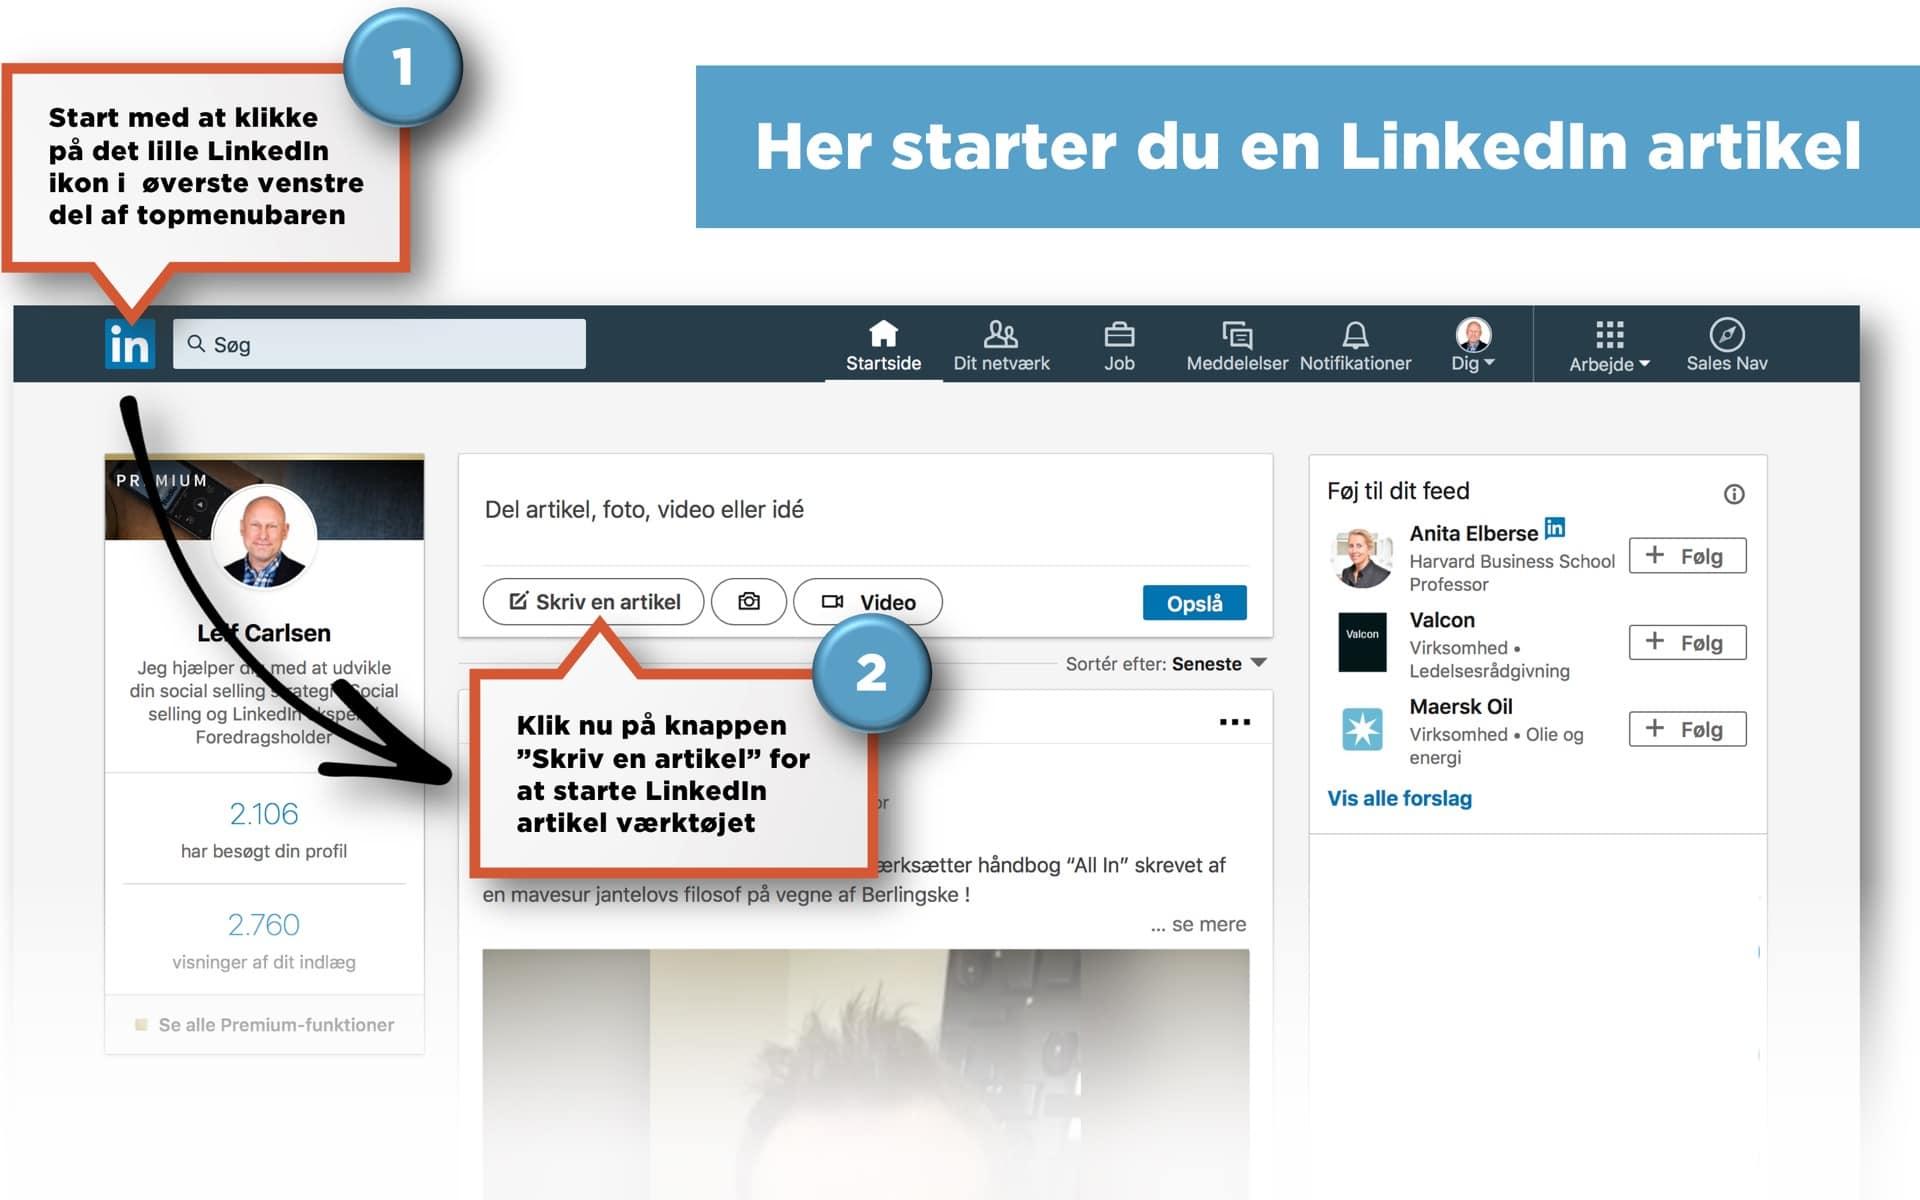 Blogindlæg om hvad LinkedIn artikler er for en størrelse